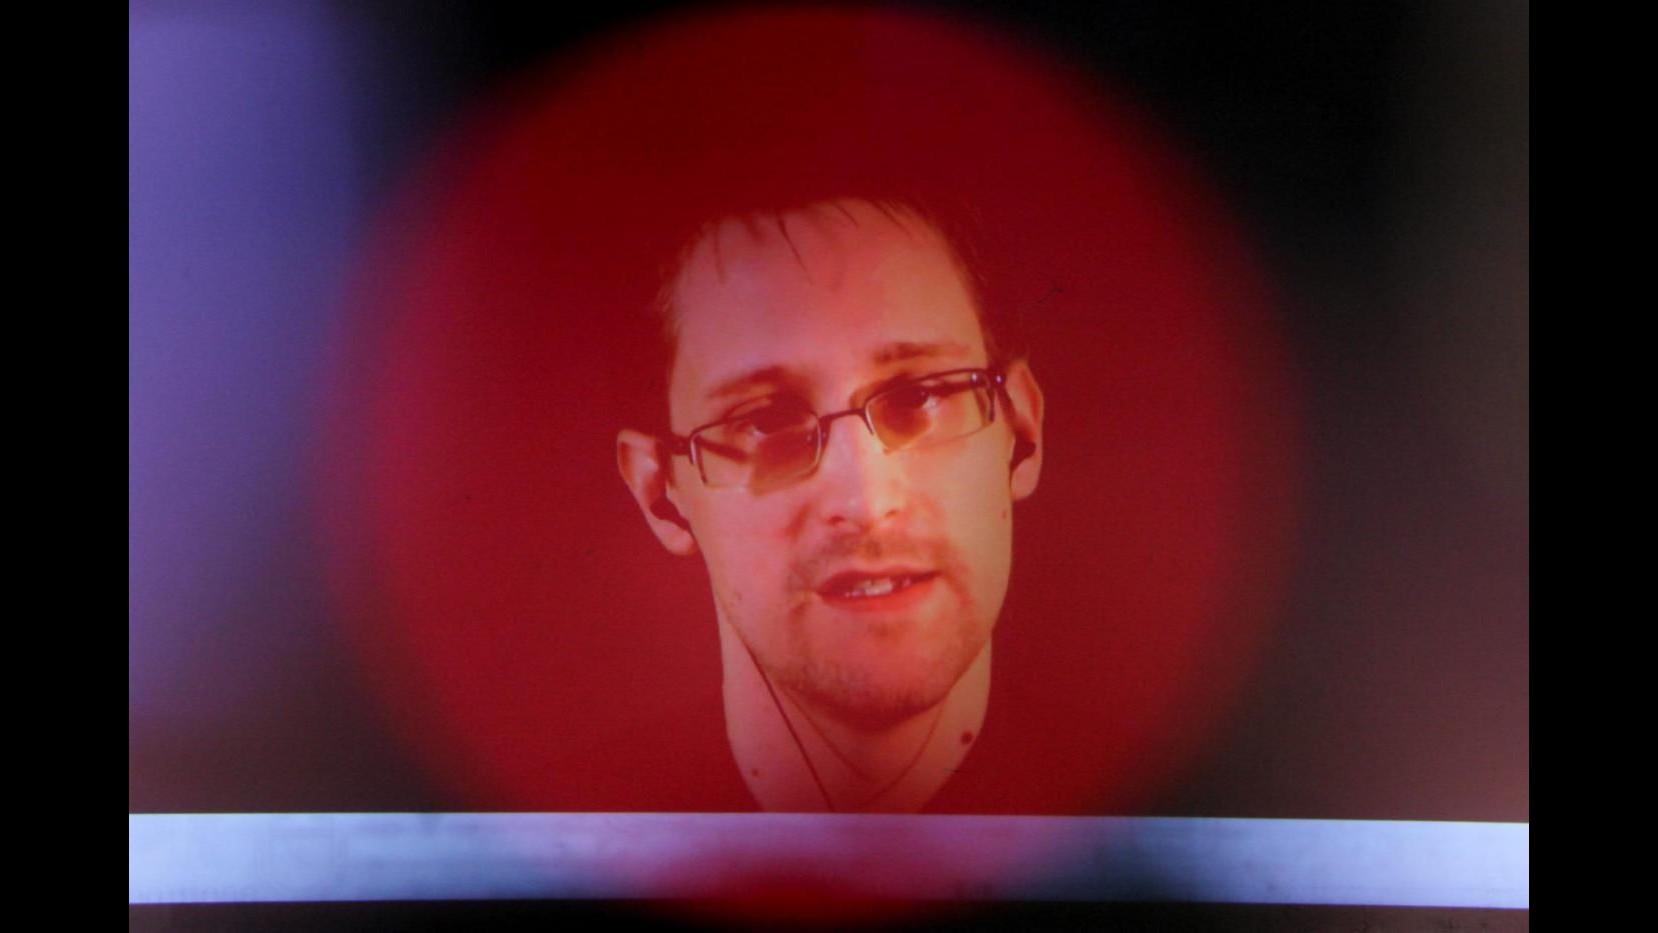 Snowden sbarca su Twitter: 130mila follower in mezz'ora, ma lui segue solo Nsa